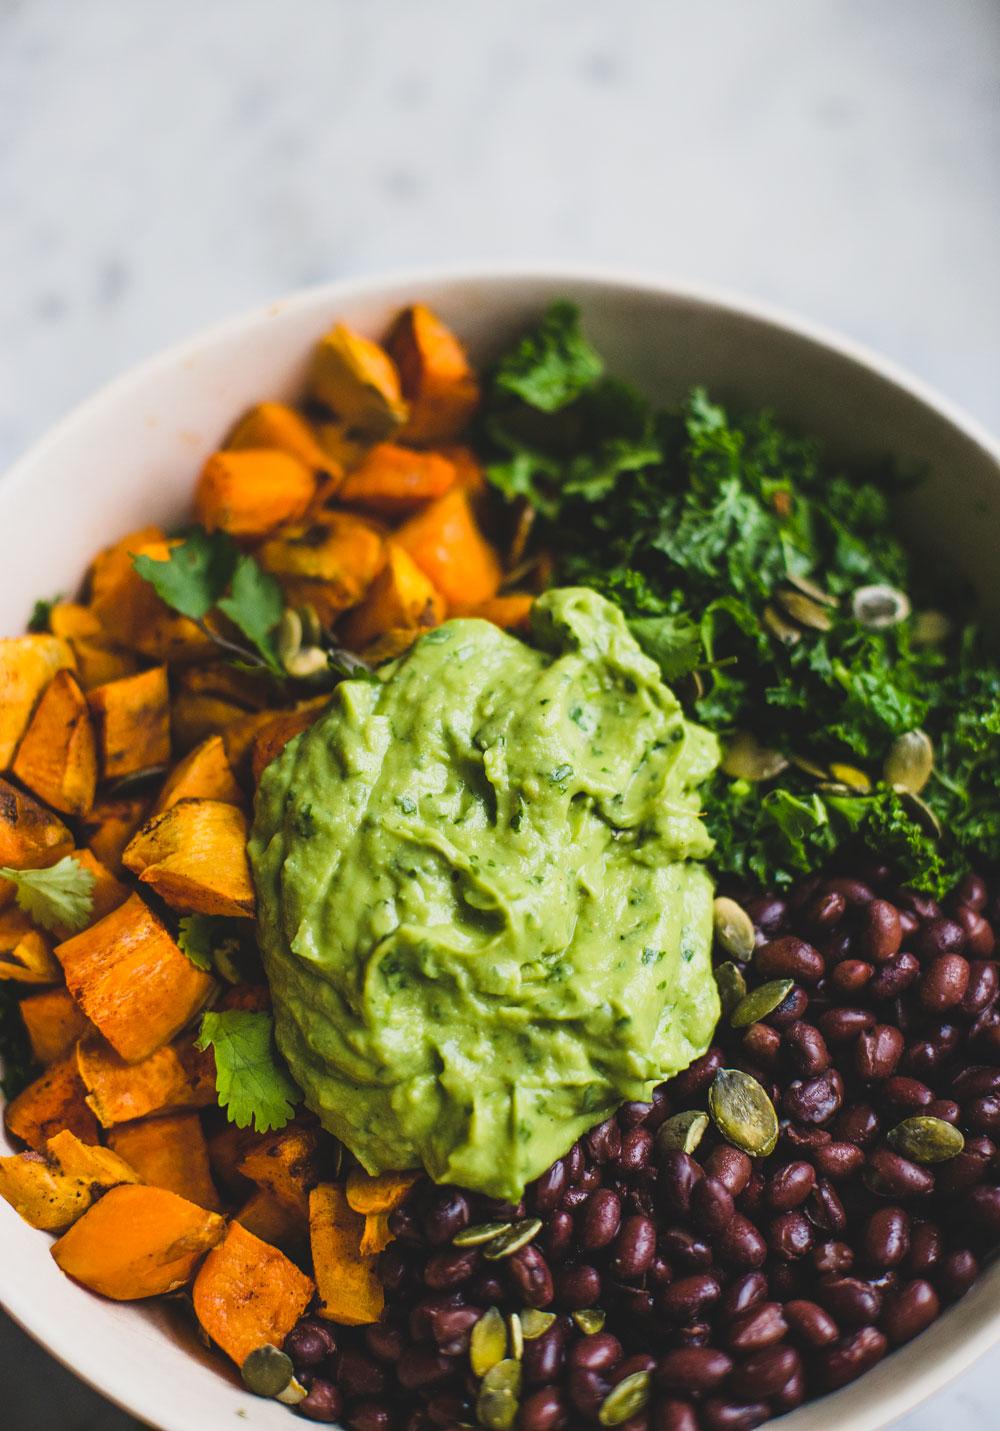 Mexicaanse boerenkoolsalade | De Groene Meisjes. Super creamy en gezond!